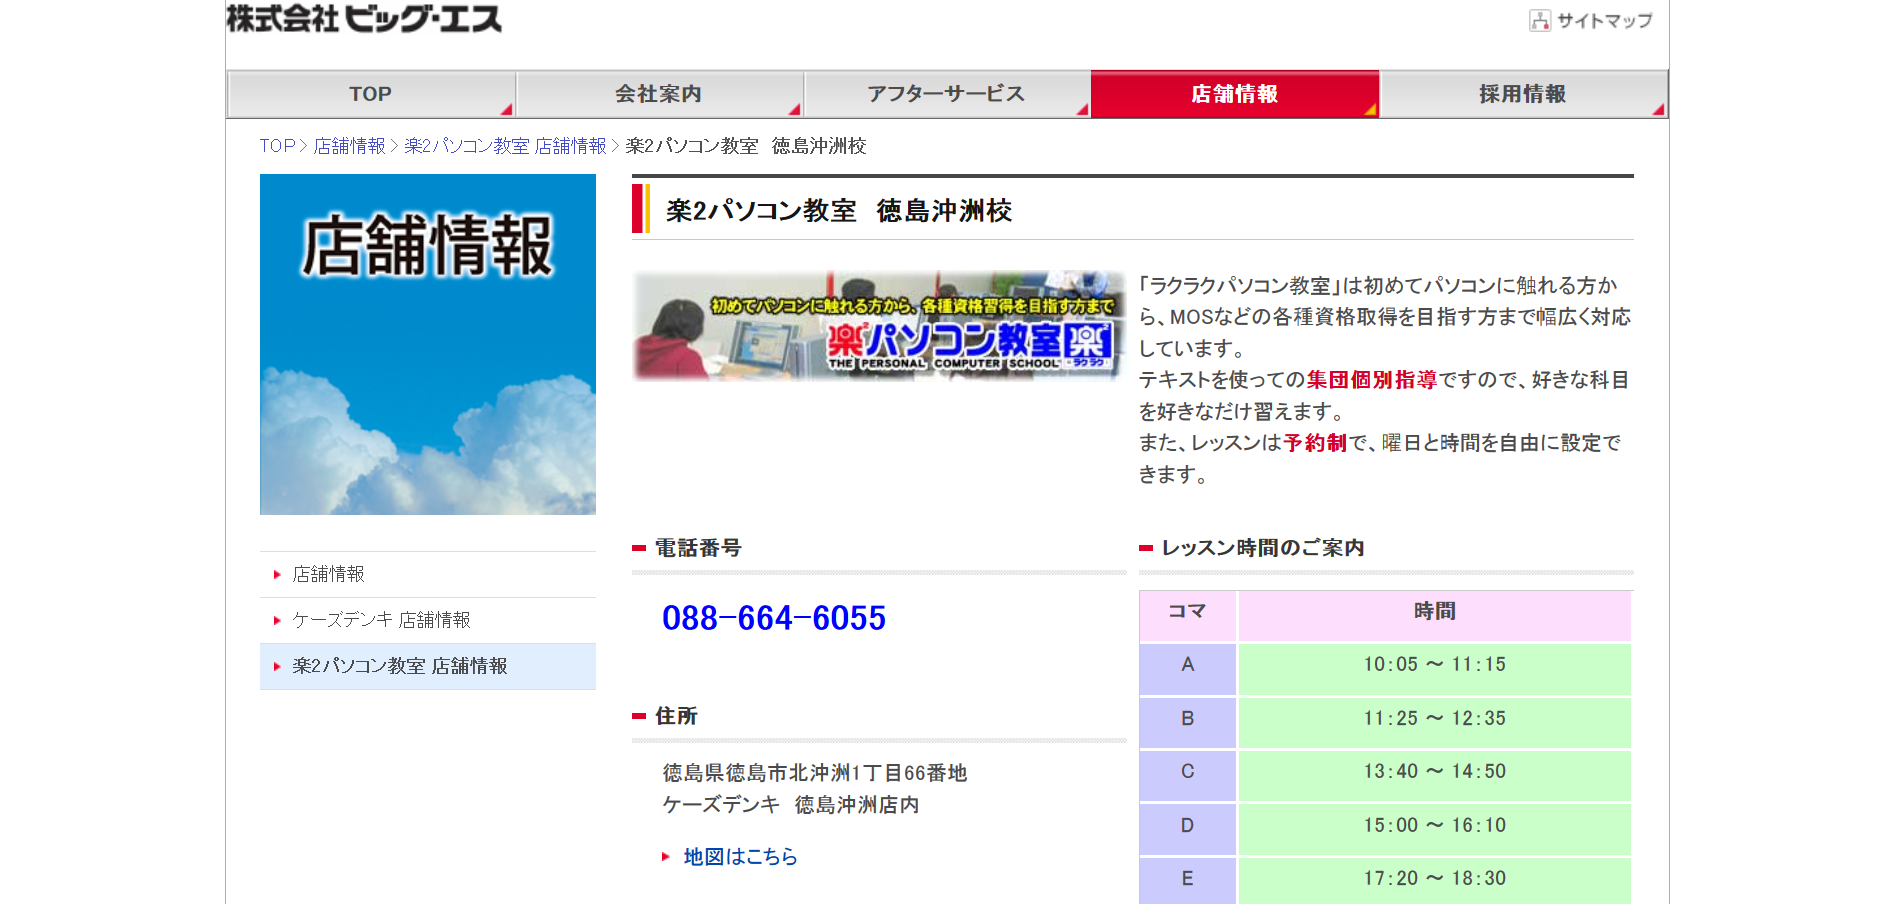 楽2パソコン教室 ケーズデンキ徳島沖洲校の評判・口コミ